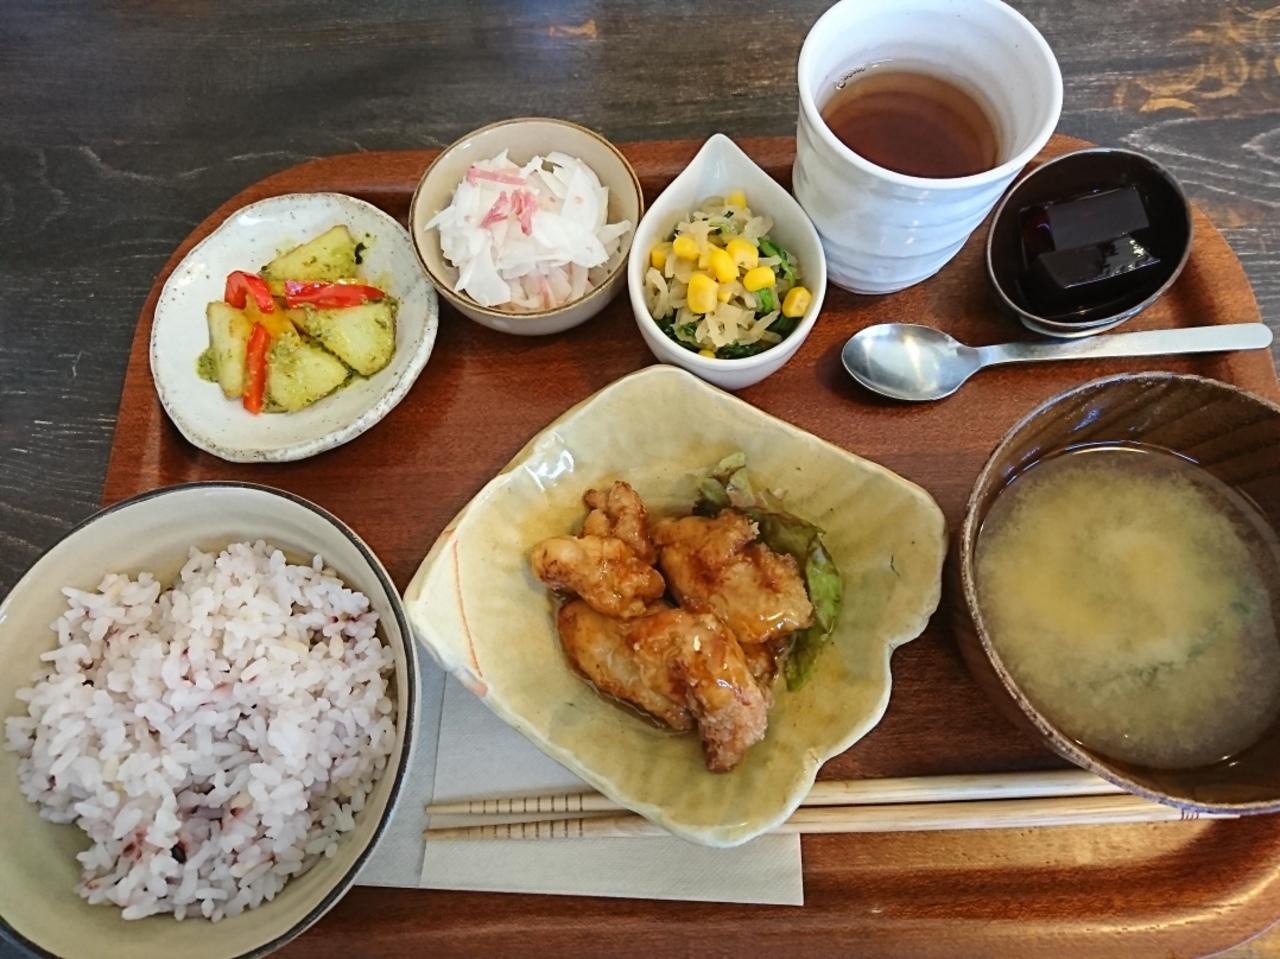 名張旧町の隠れ家カフェミューク(cafe mjuk)